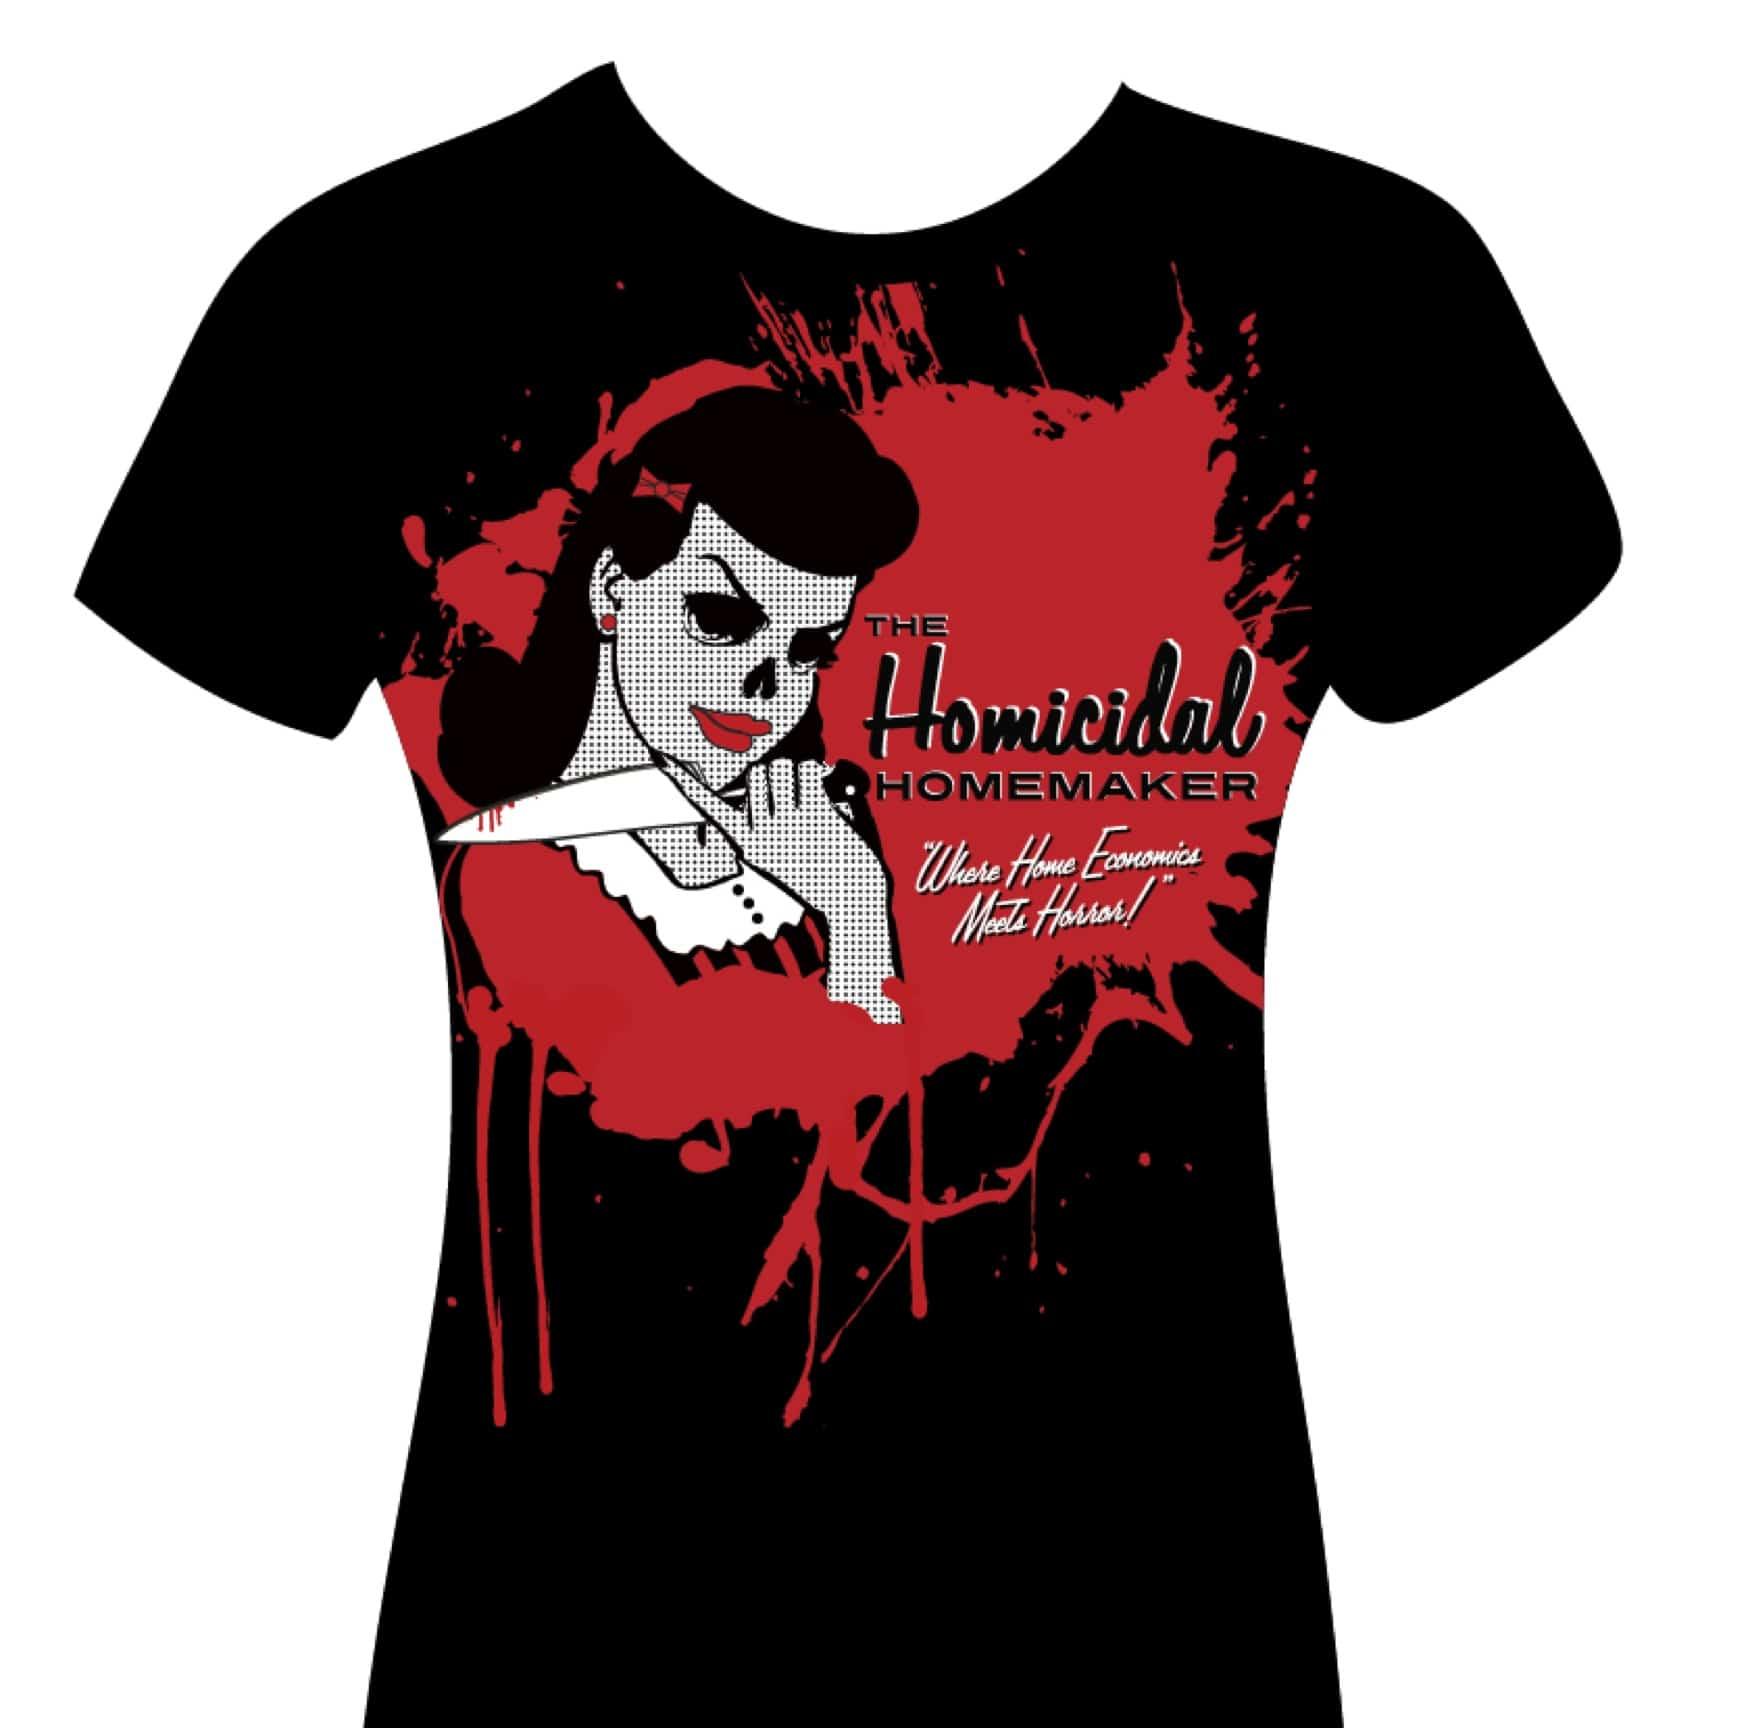 homicidal homemaker shirt